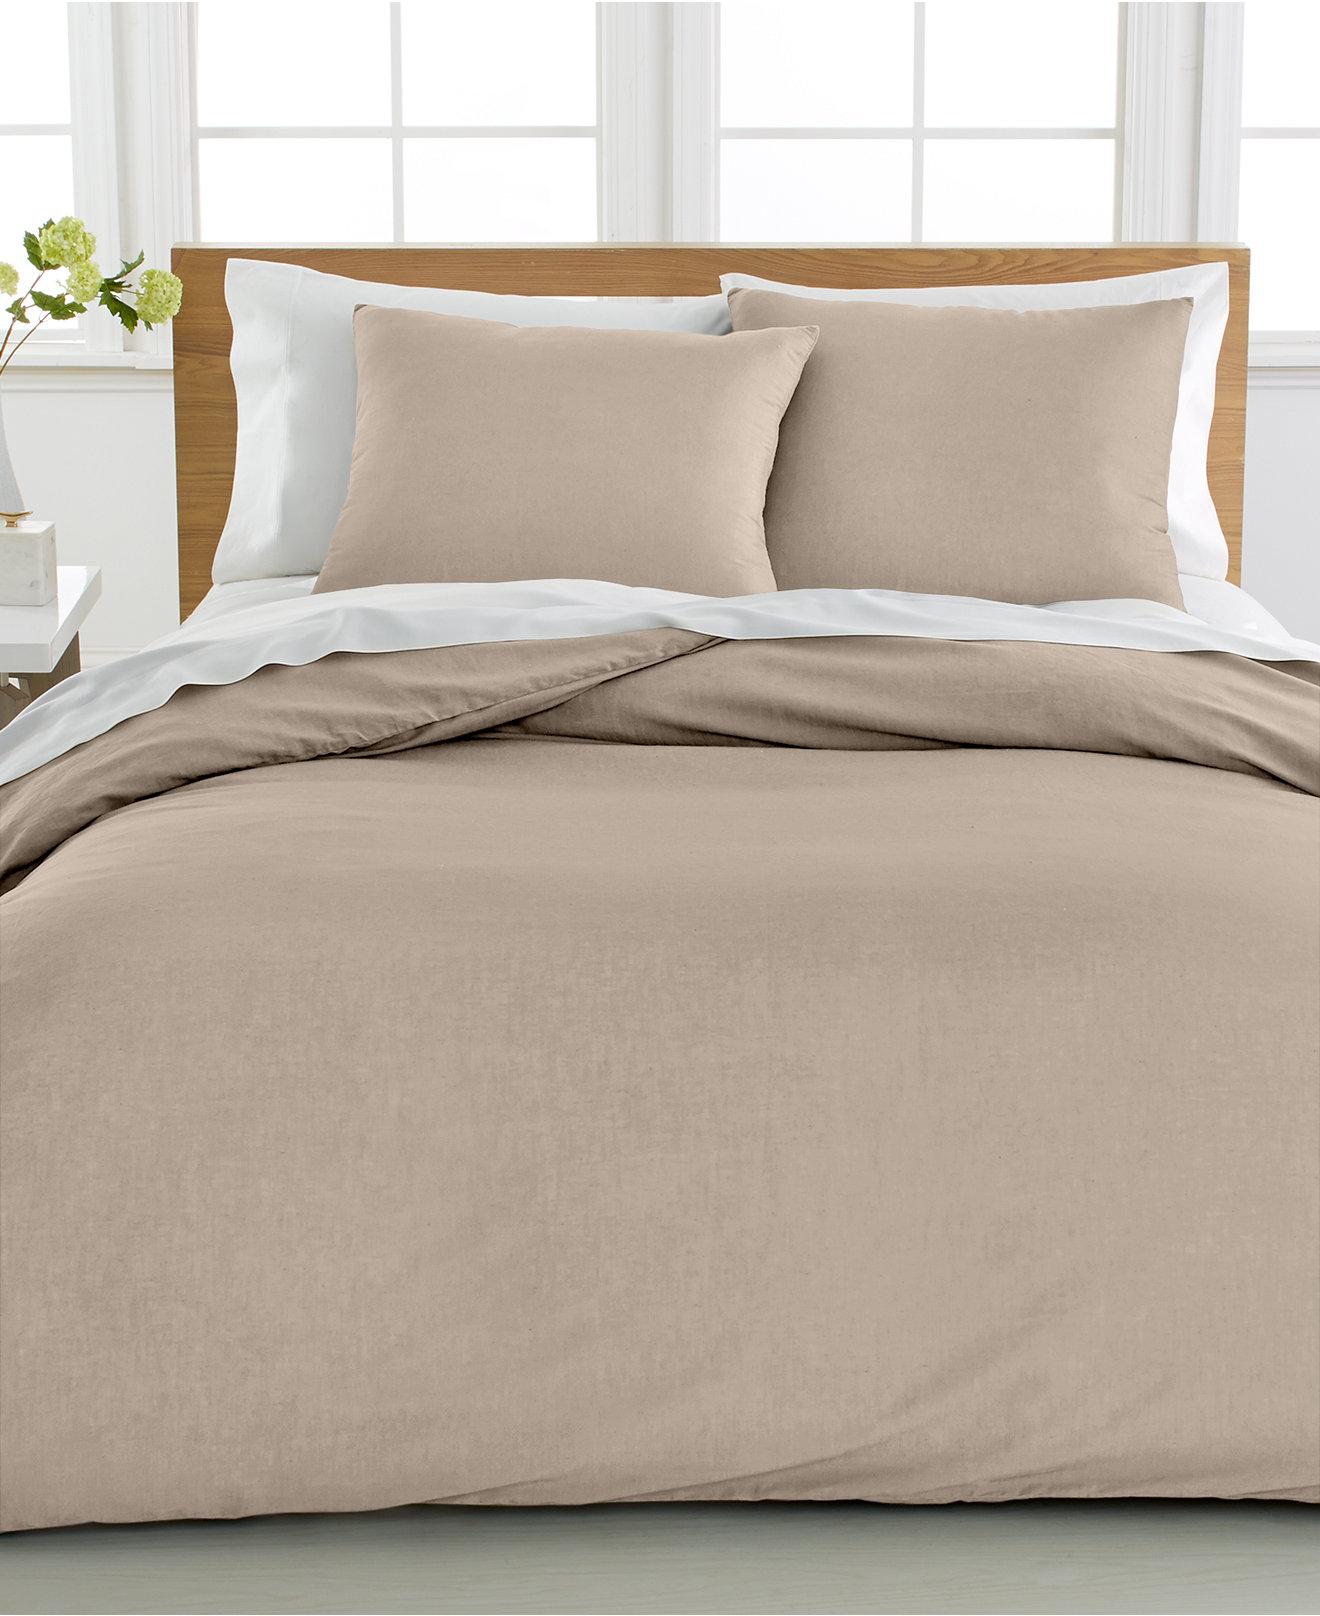 king size king  macy's - cotton linen duvet cover piece set